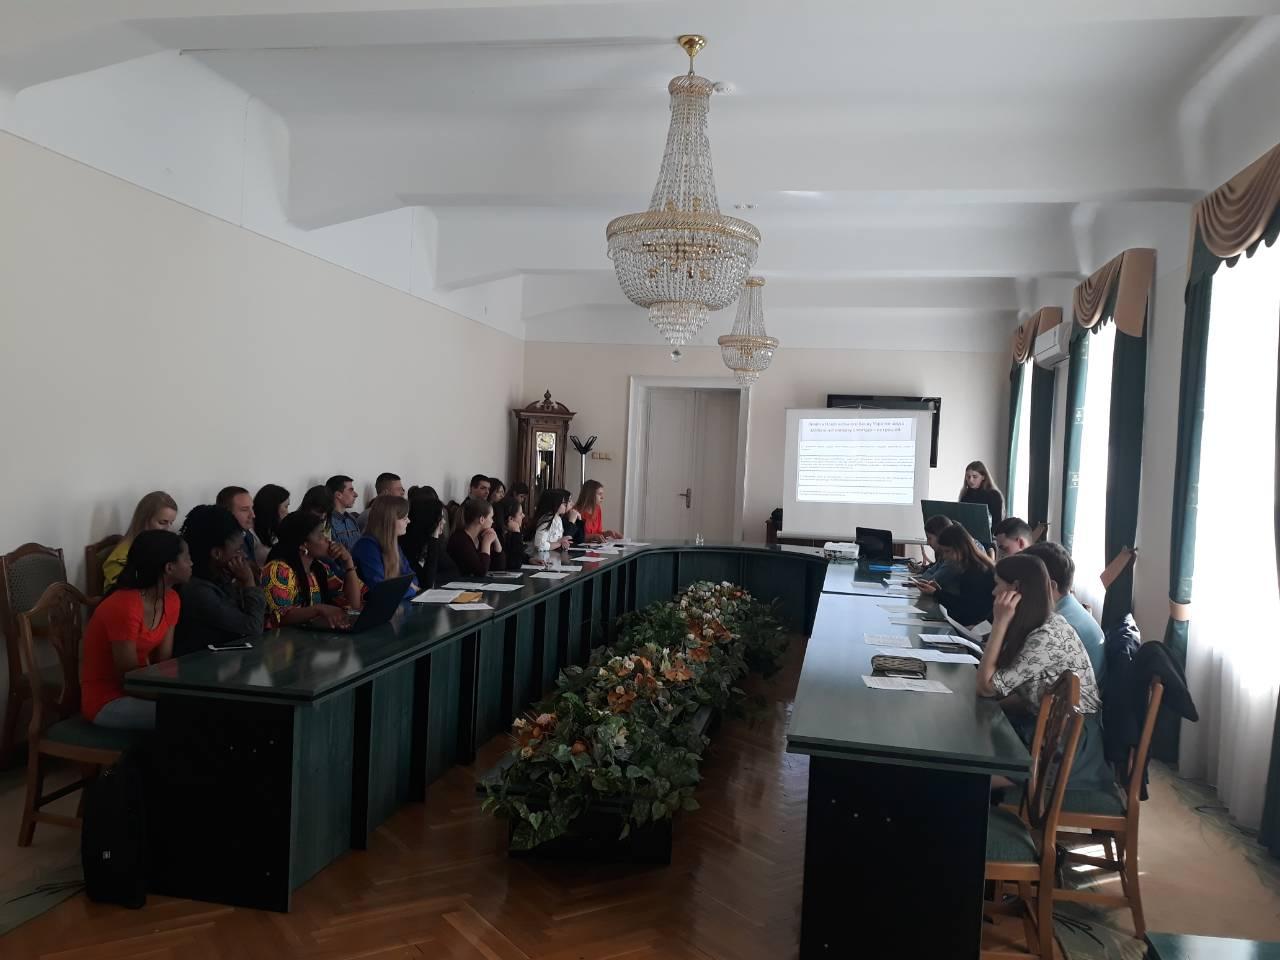 Підсумки ІХ Всеукраїнської студентської конференції «Фінансовий сектор України в умовах сучасних викликів»